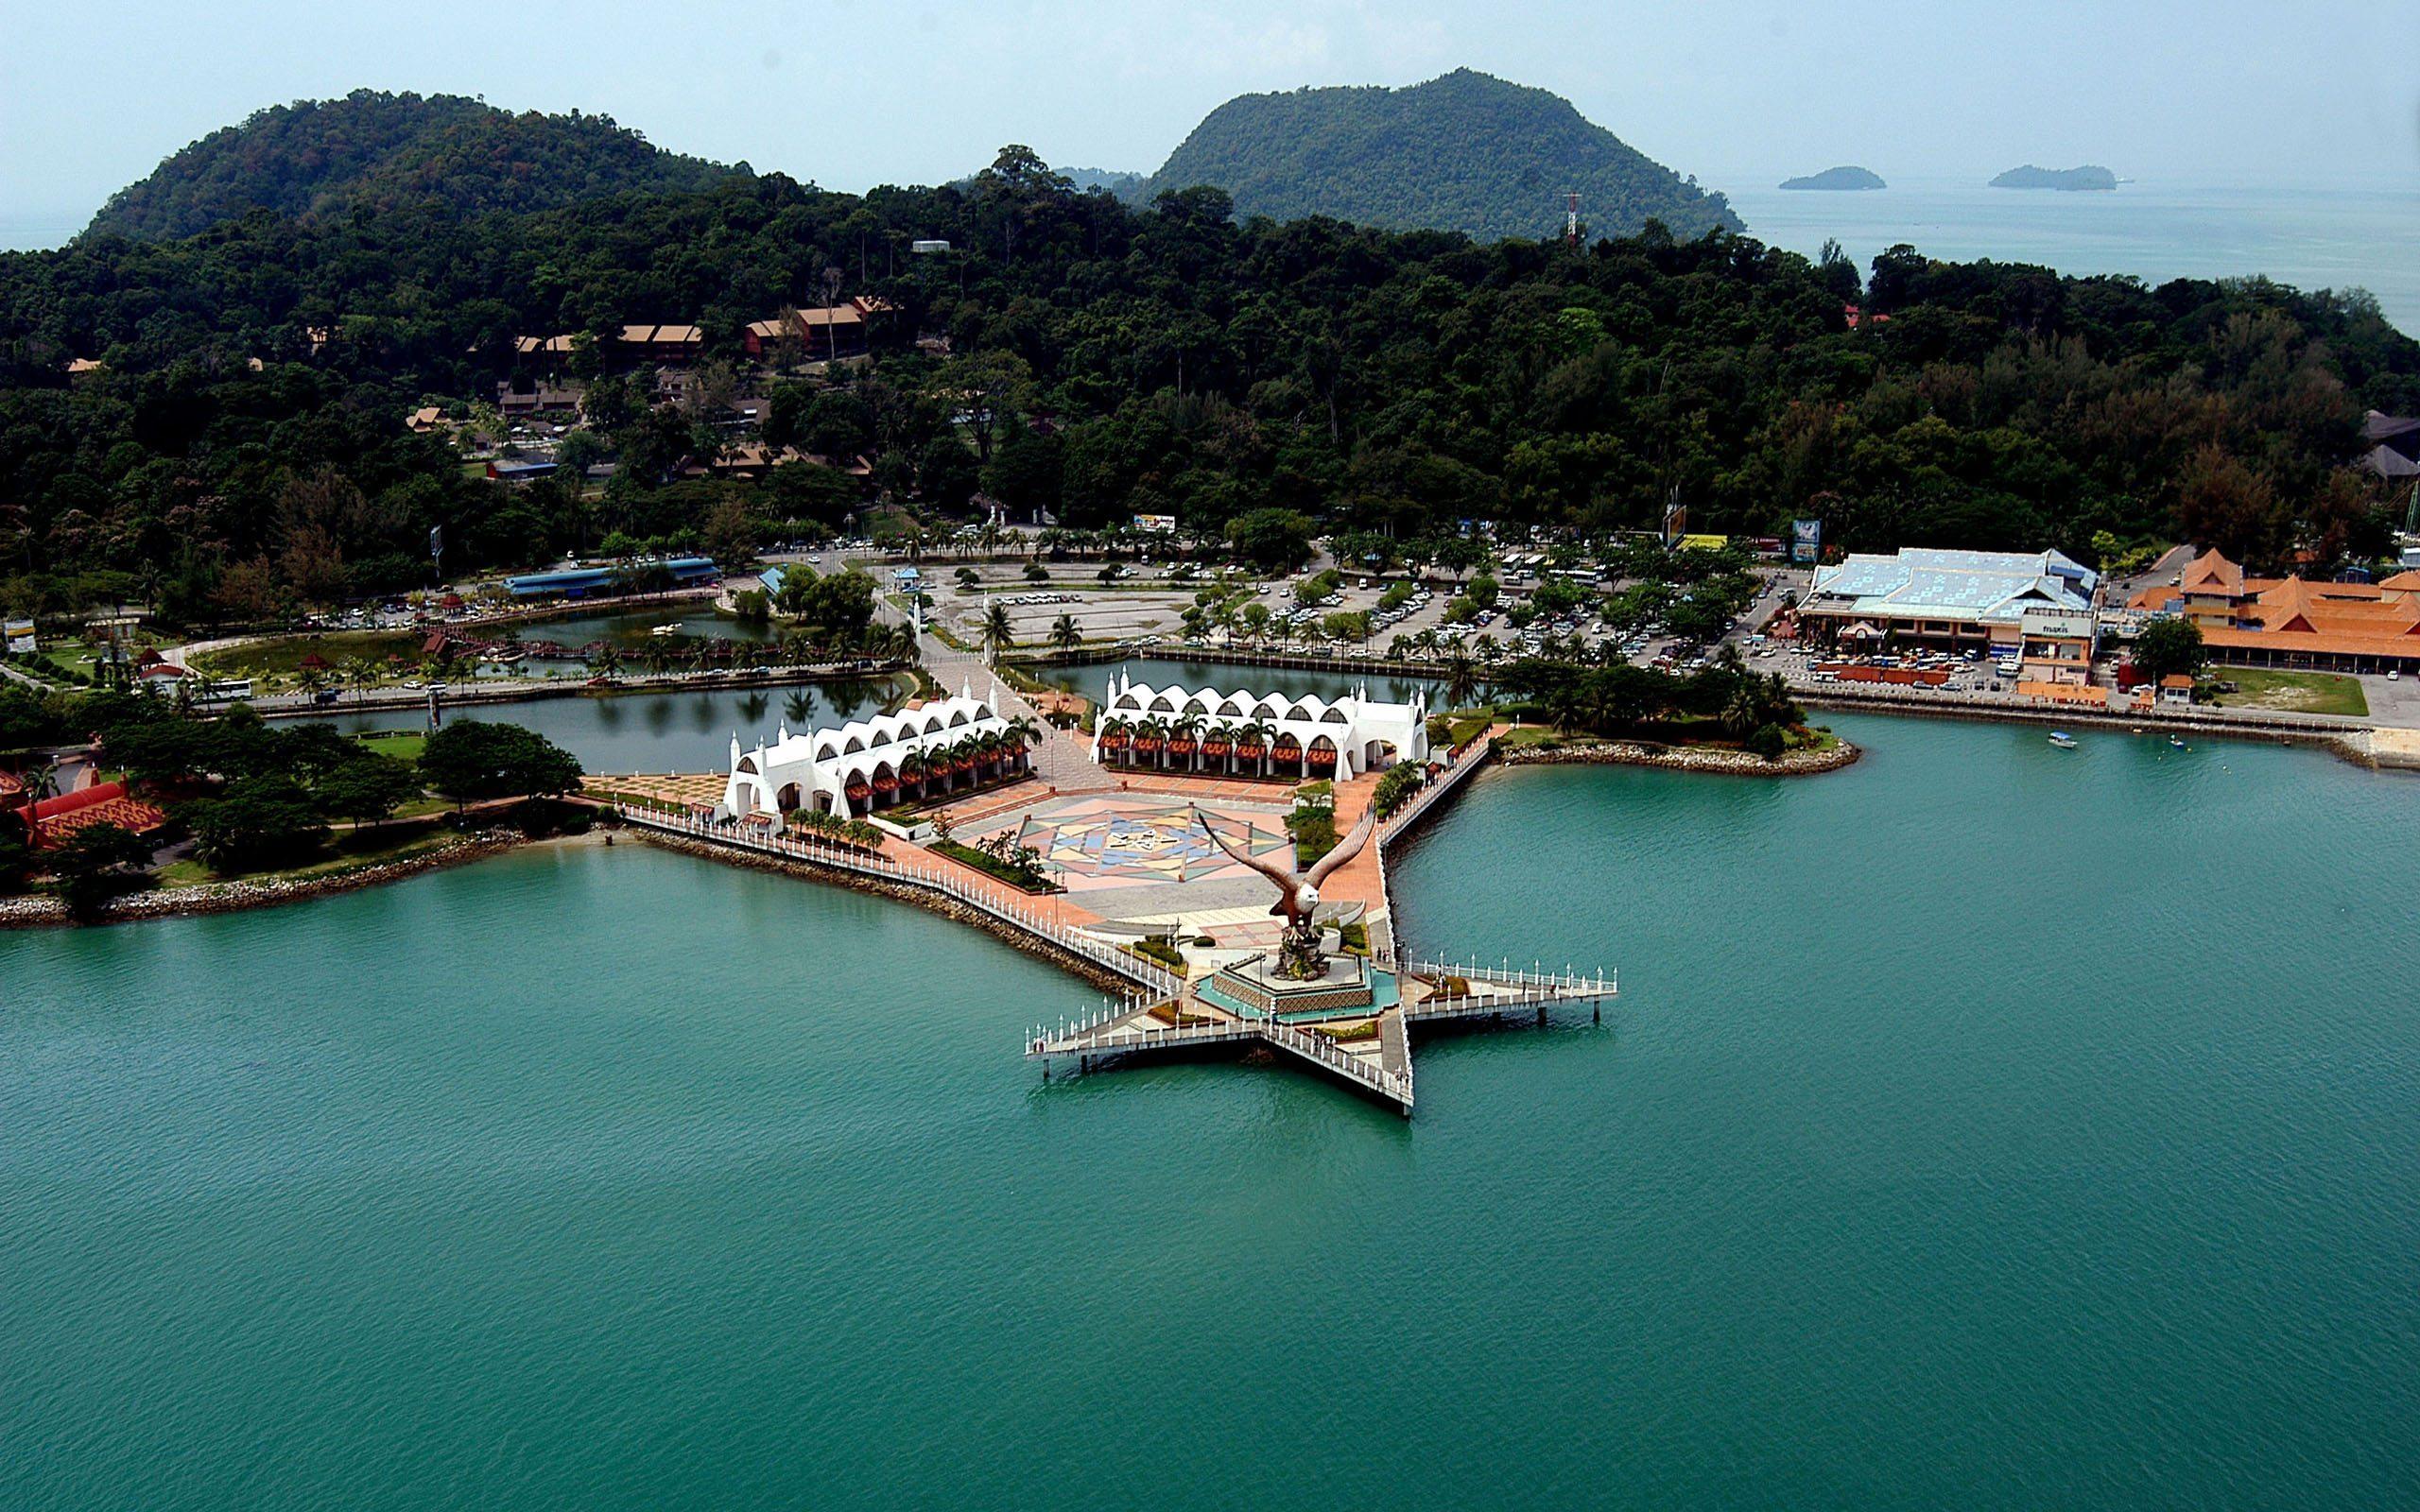 جزيرة العذراء الحامل في ماليزيا